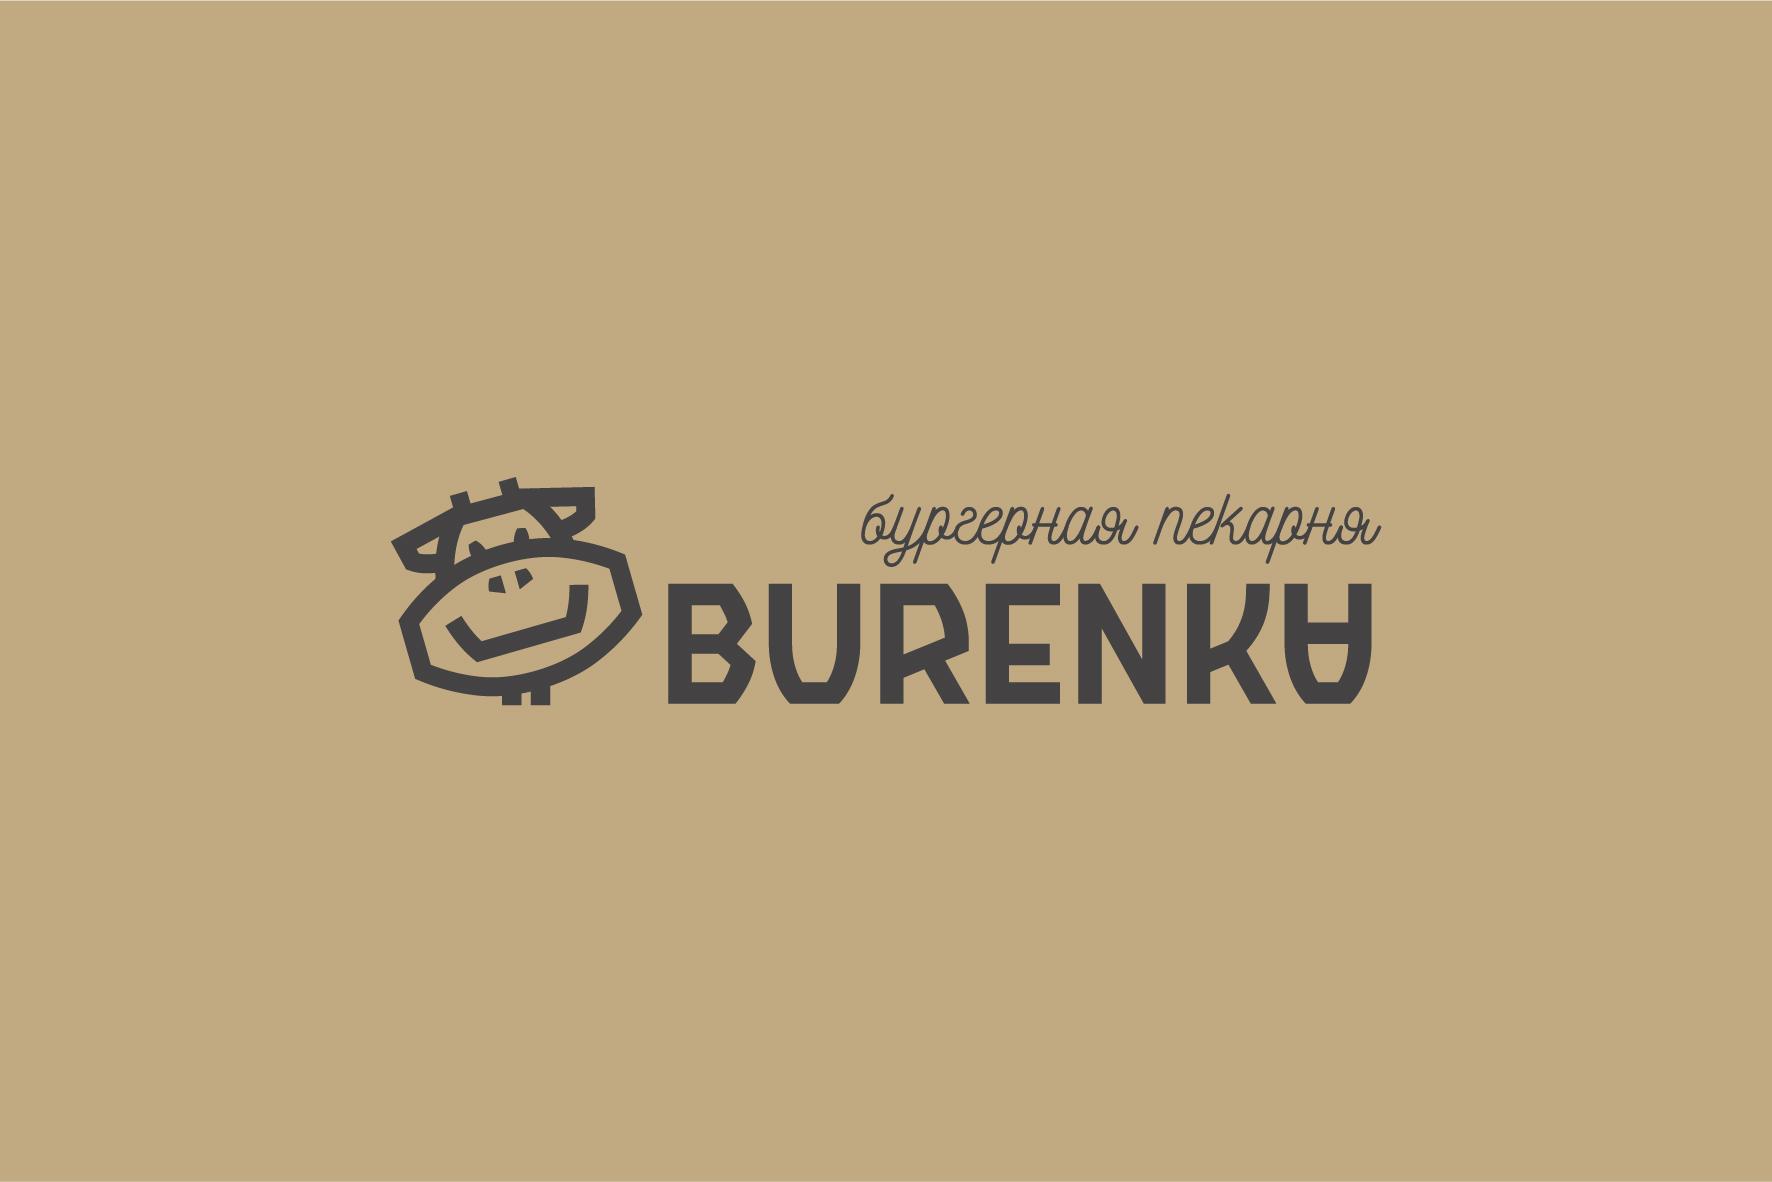 Логотип для Бургерной с Пекарней фото f_9705e151e8e5e845.jpg